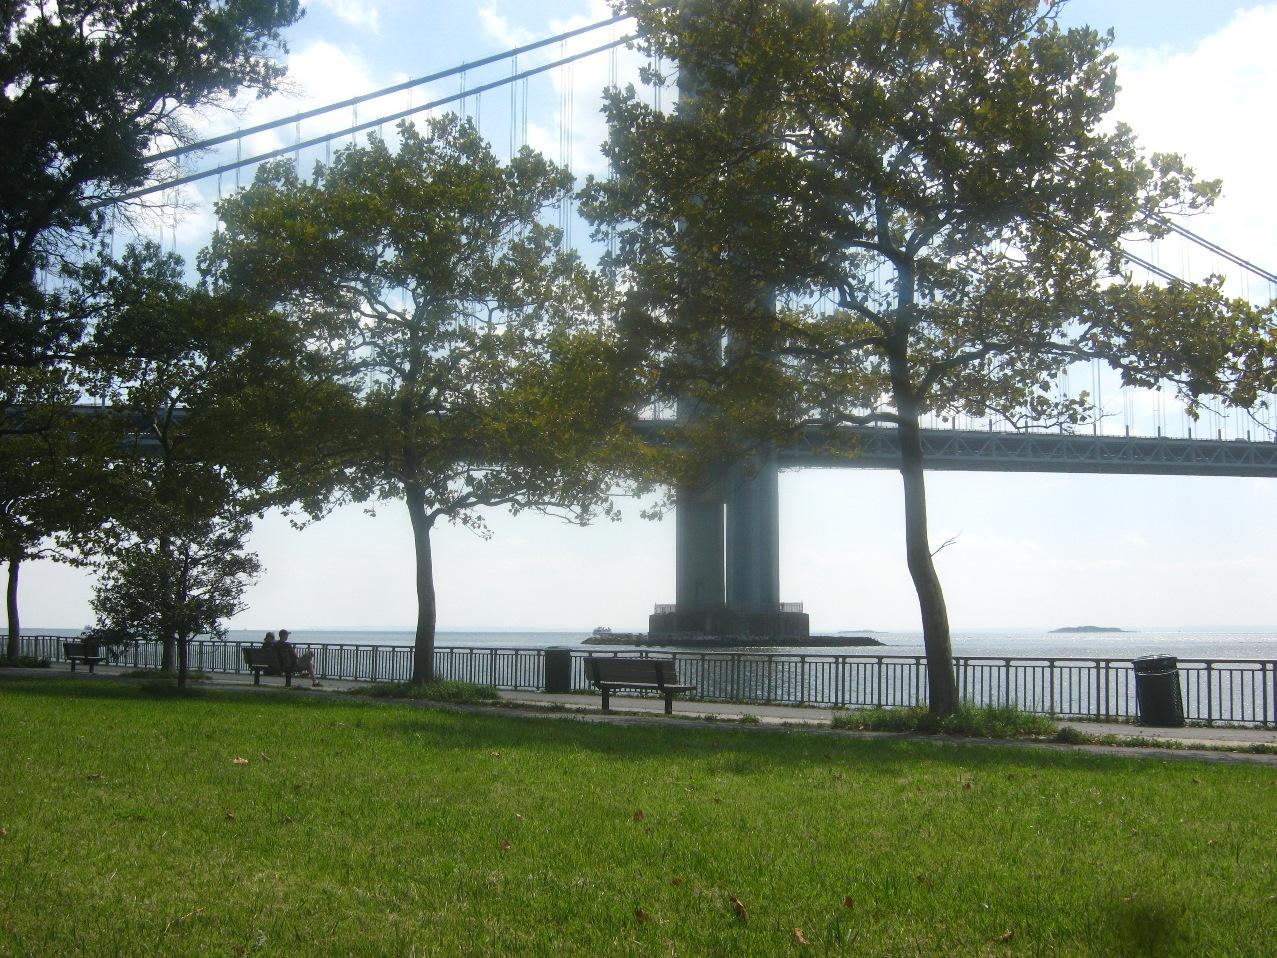 ベラザノ・ナロウズ橋のふもとの小公園。